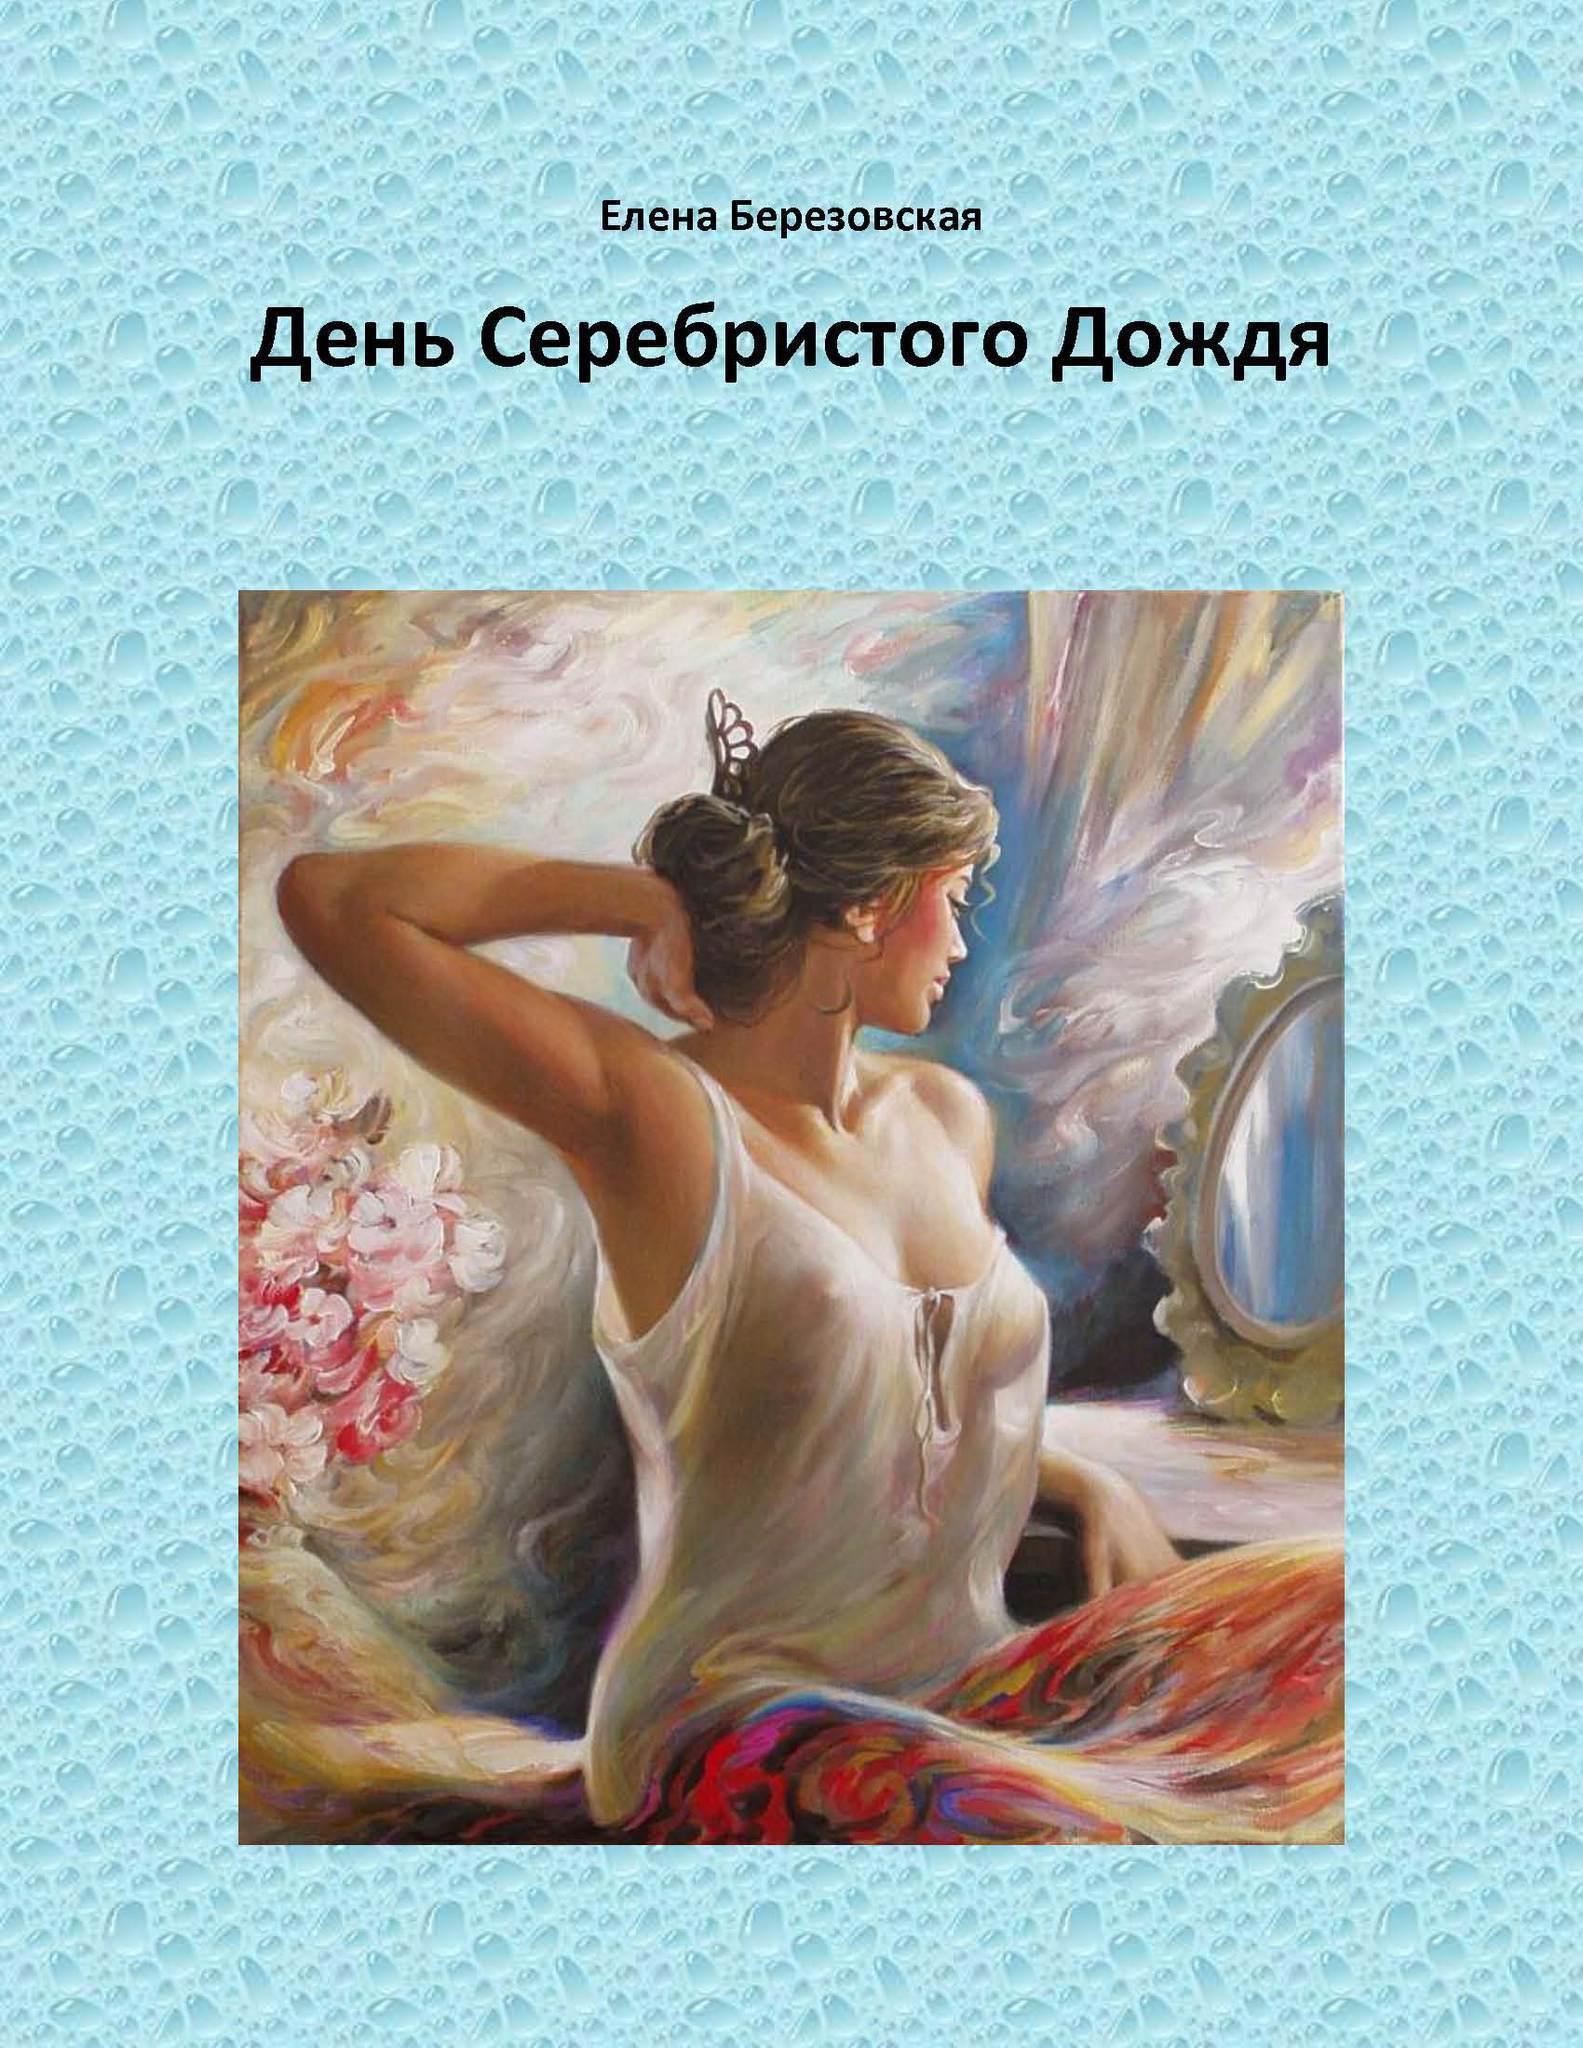 """Электронная книга """"День Серебристого Дождя"""" 0025"""